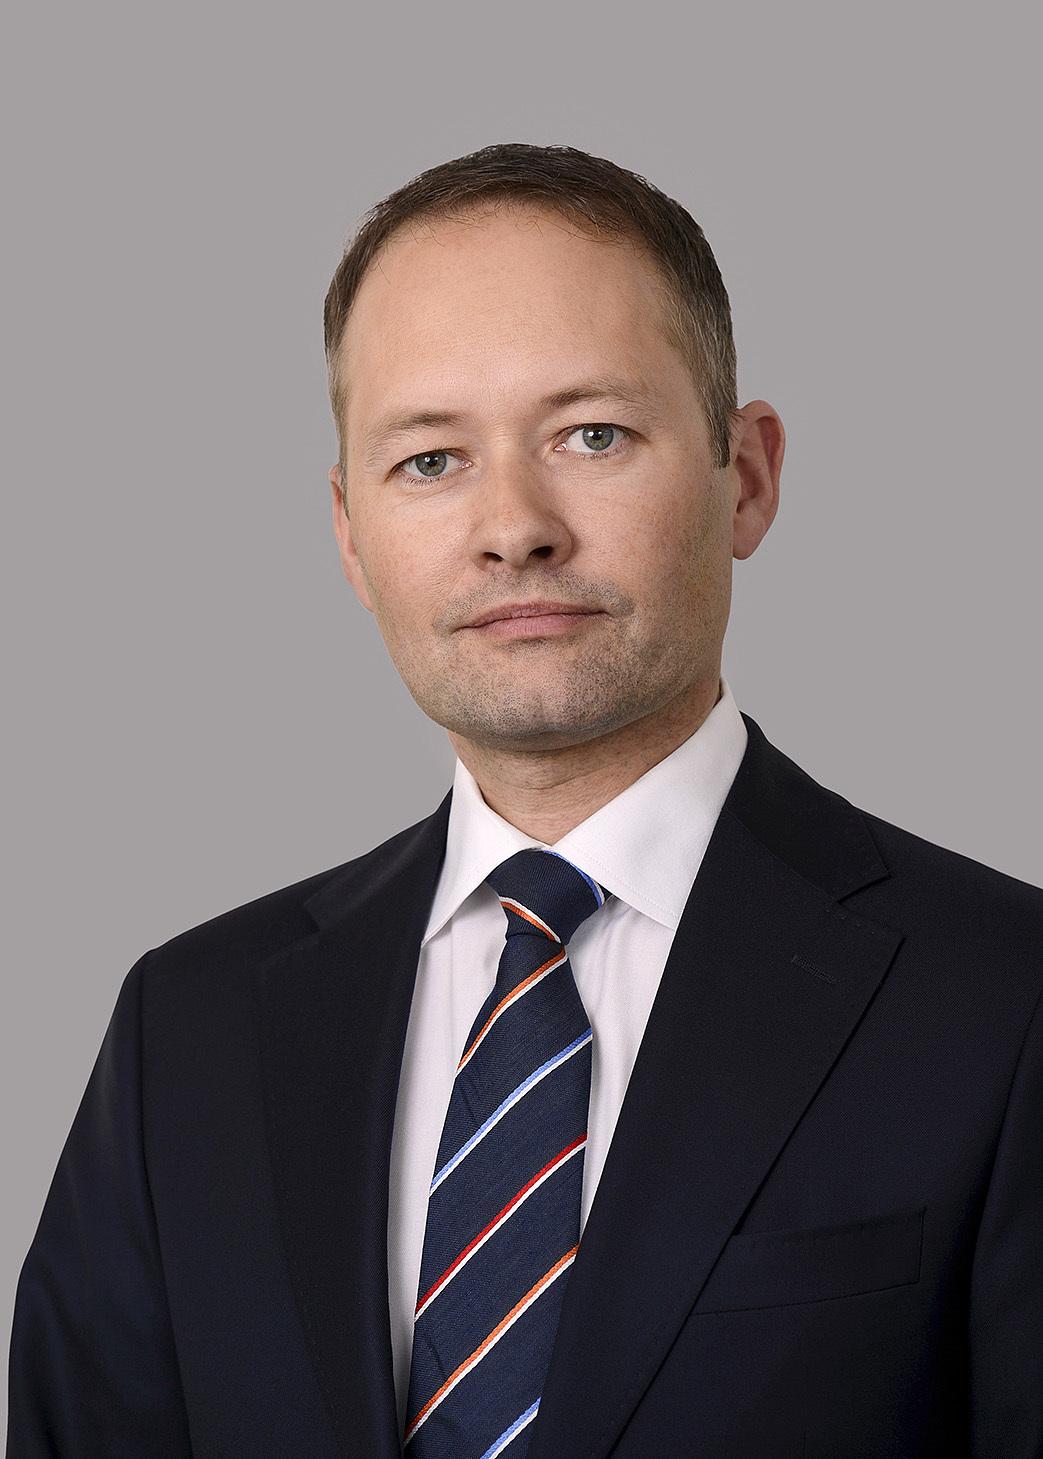 Qinterra's CEO Age Landro